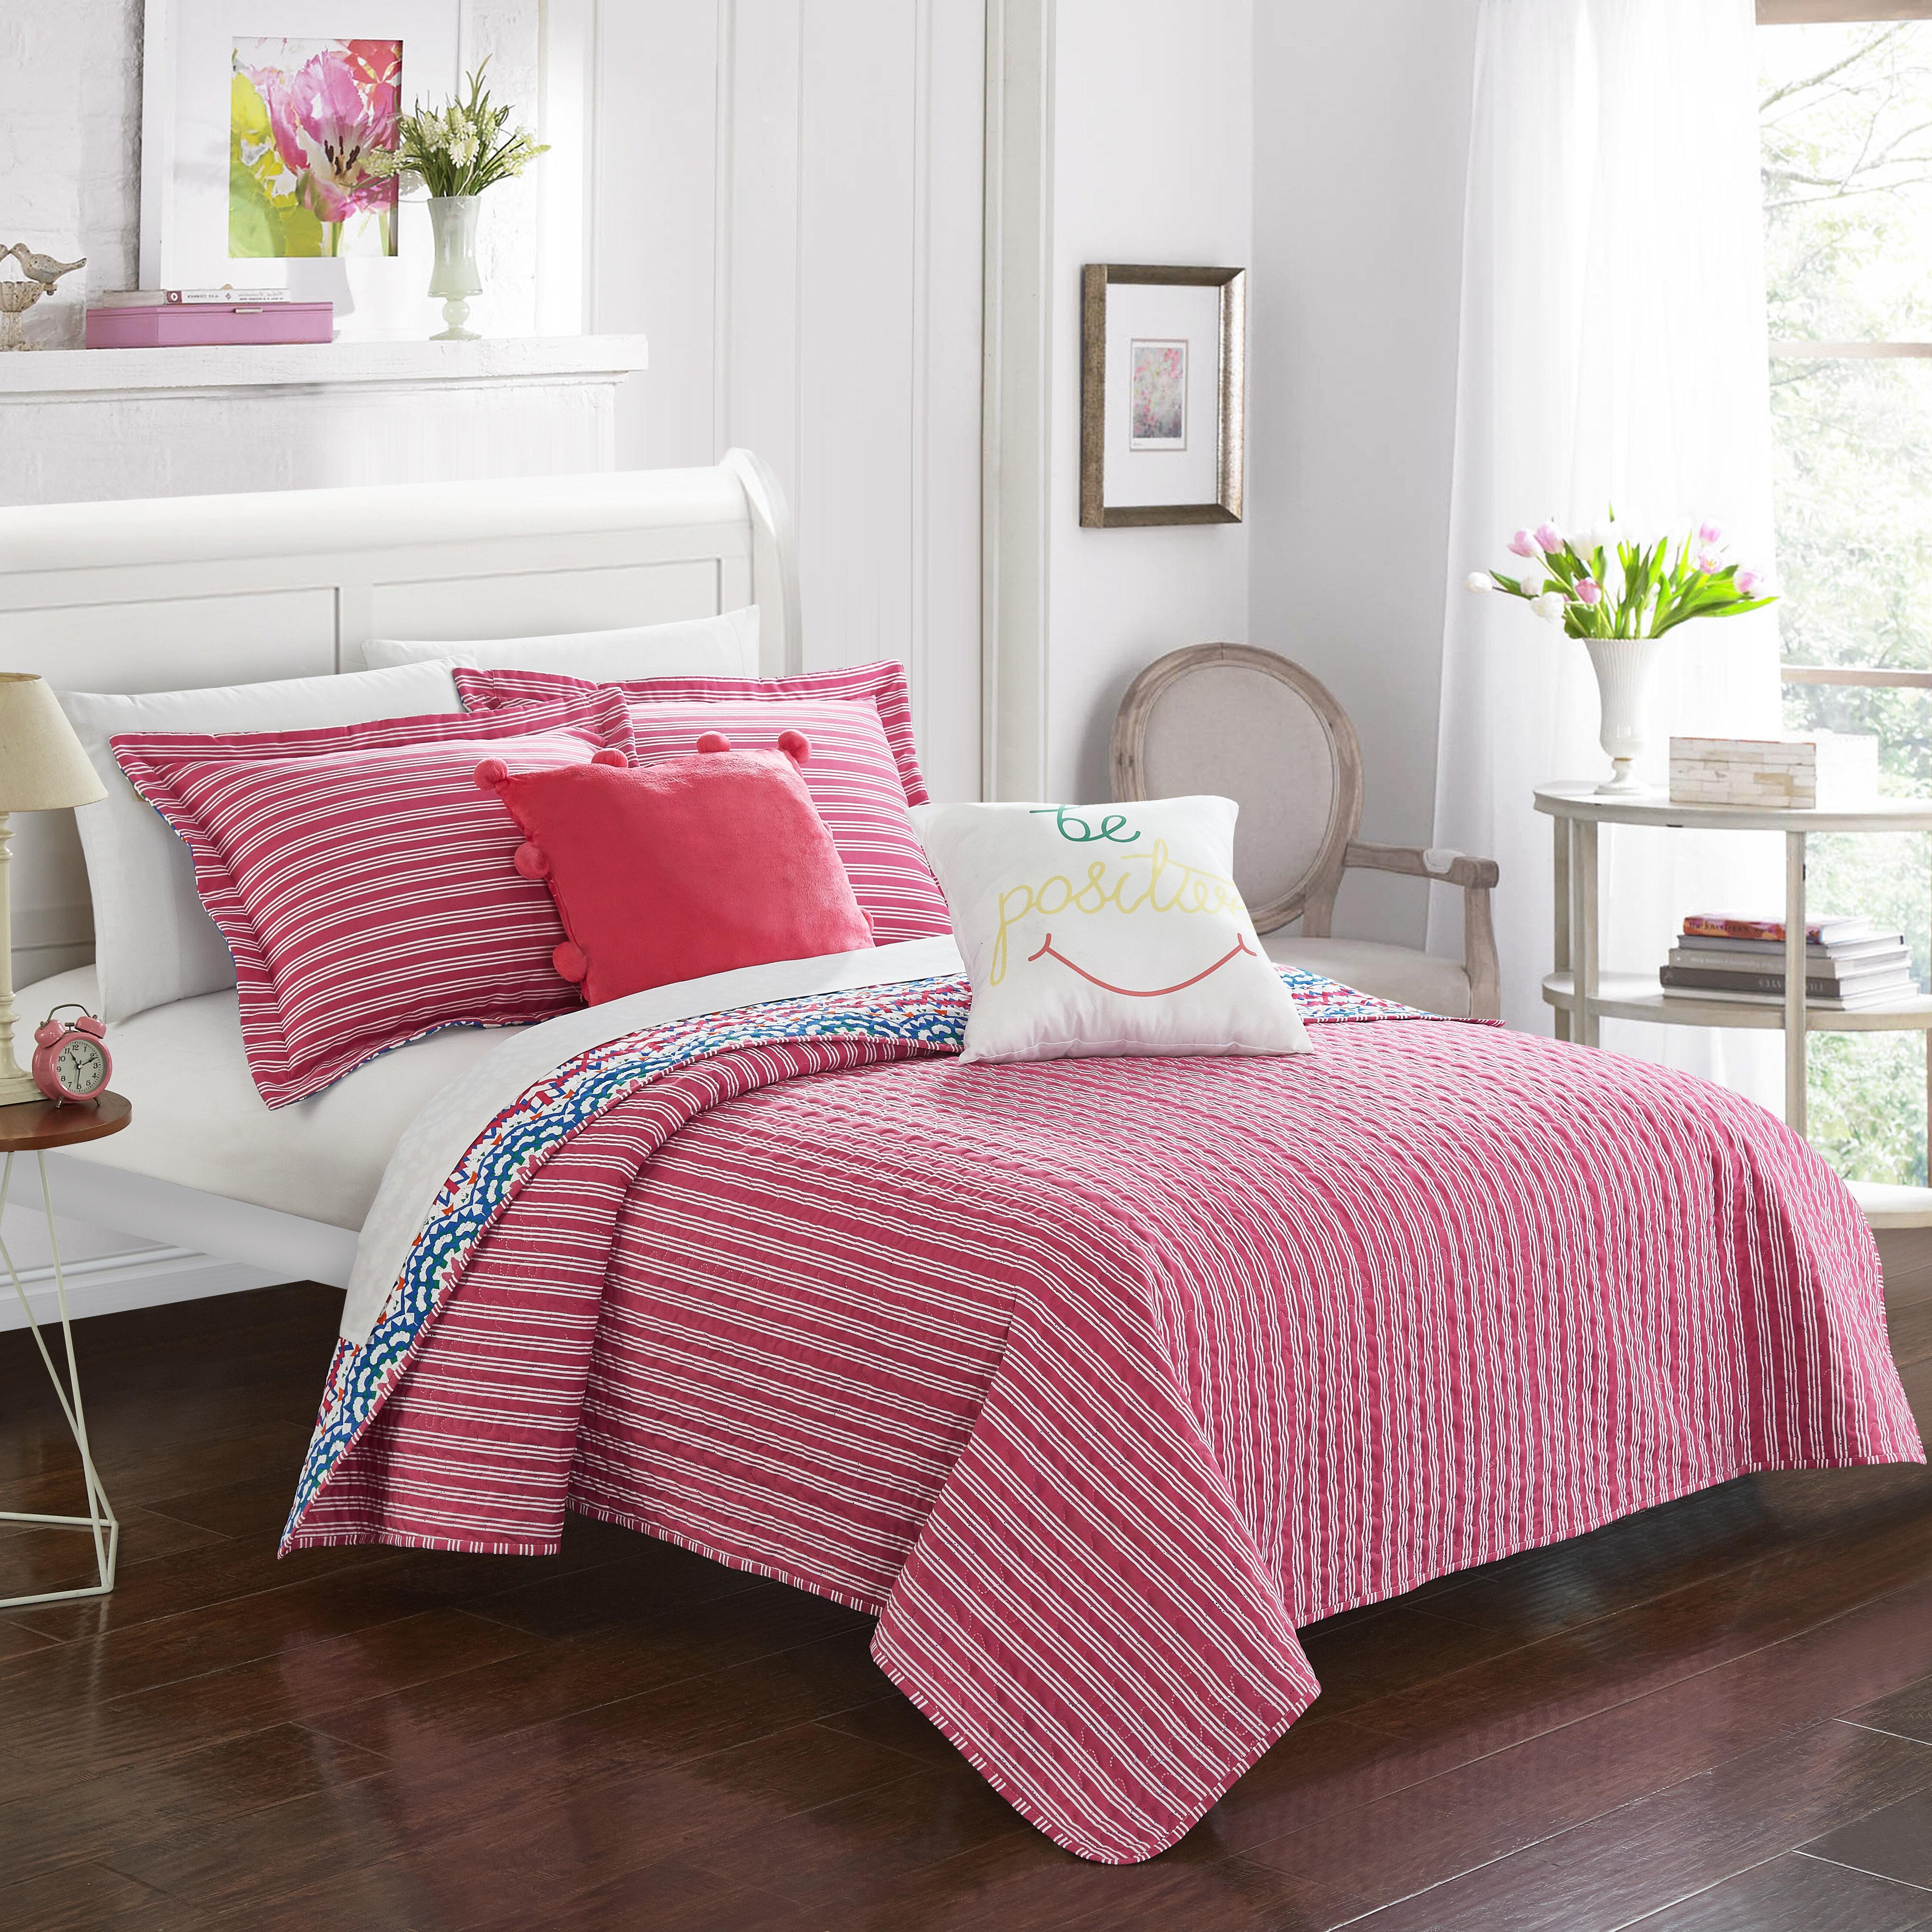 Harriet Bee Quinto Reversible Comforter Set Wayfair